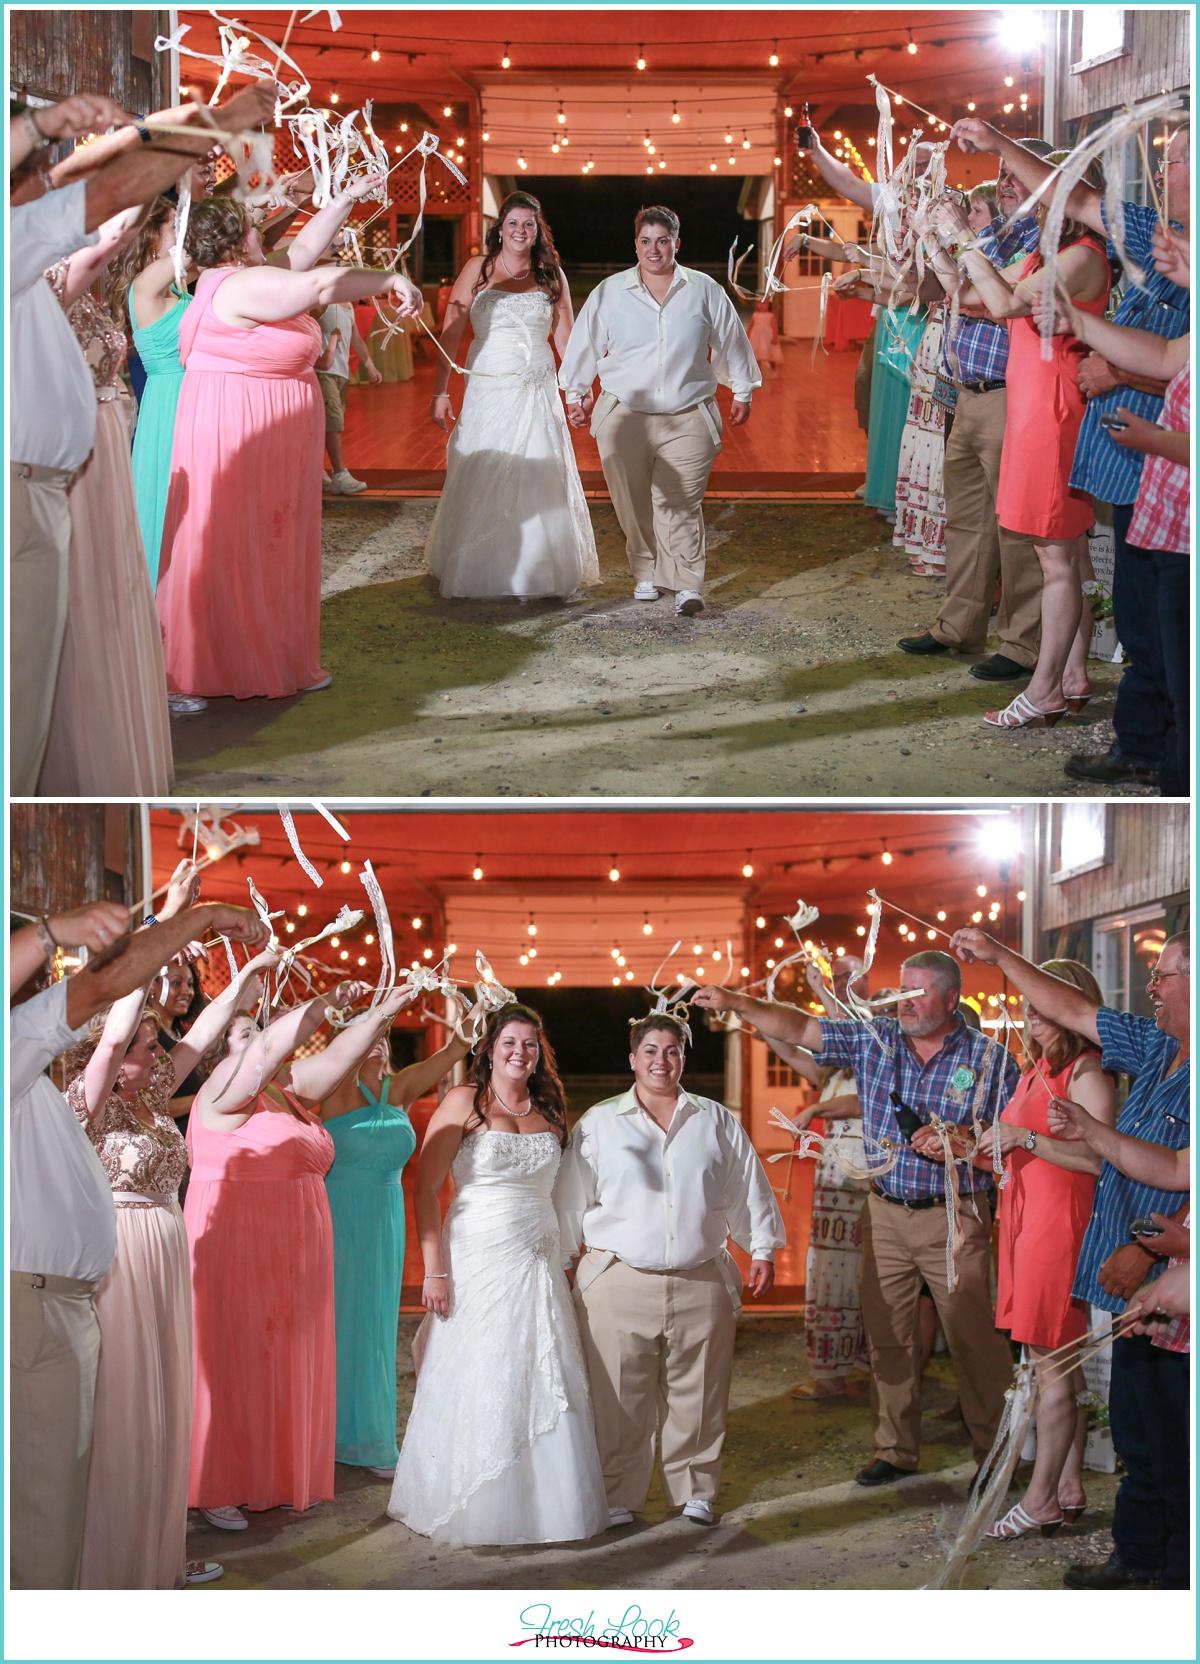 ribbon wand exit at wedding